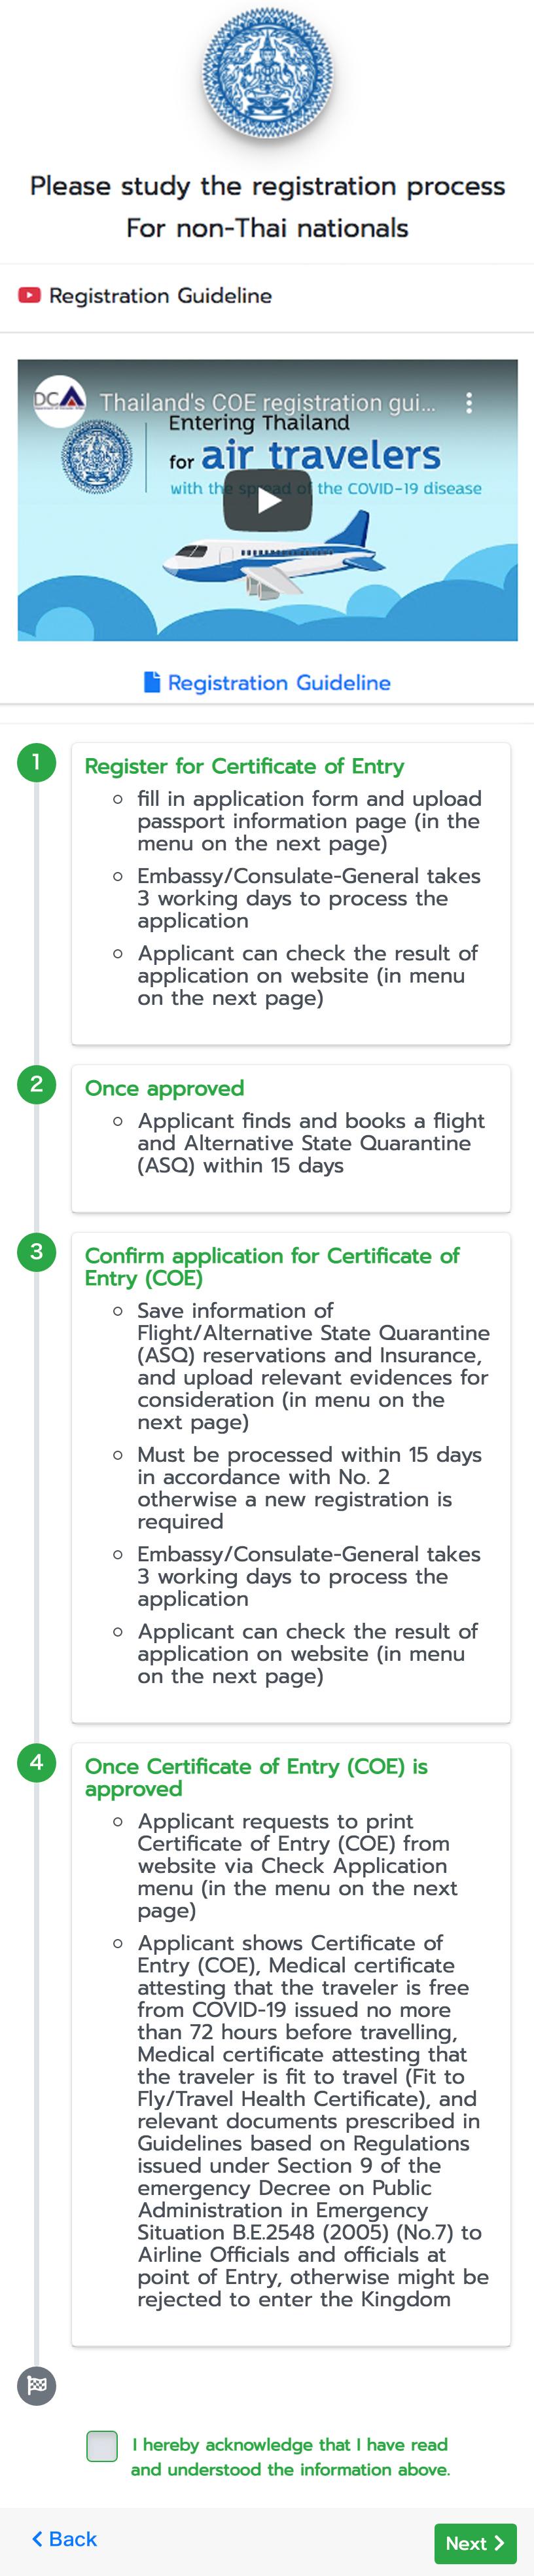 """""""入国許可証(COE)の取得方法の英文説明があります。 最後の□にチェック✔を入れて、「NEXT」をクリック"""""""